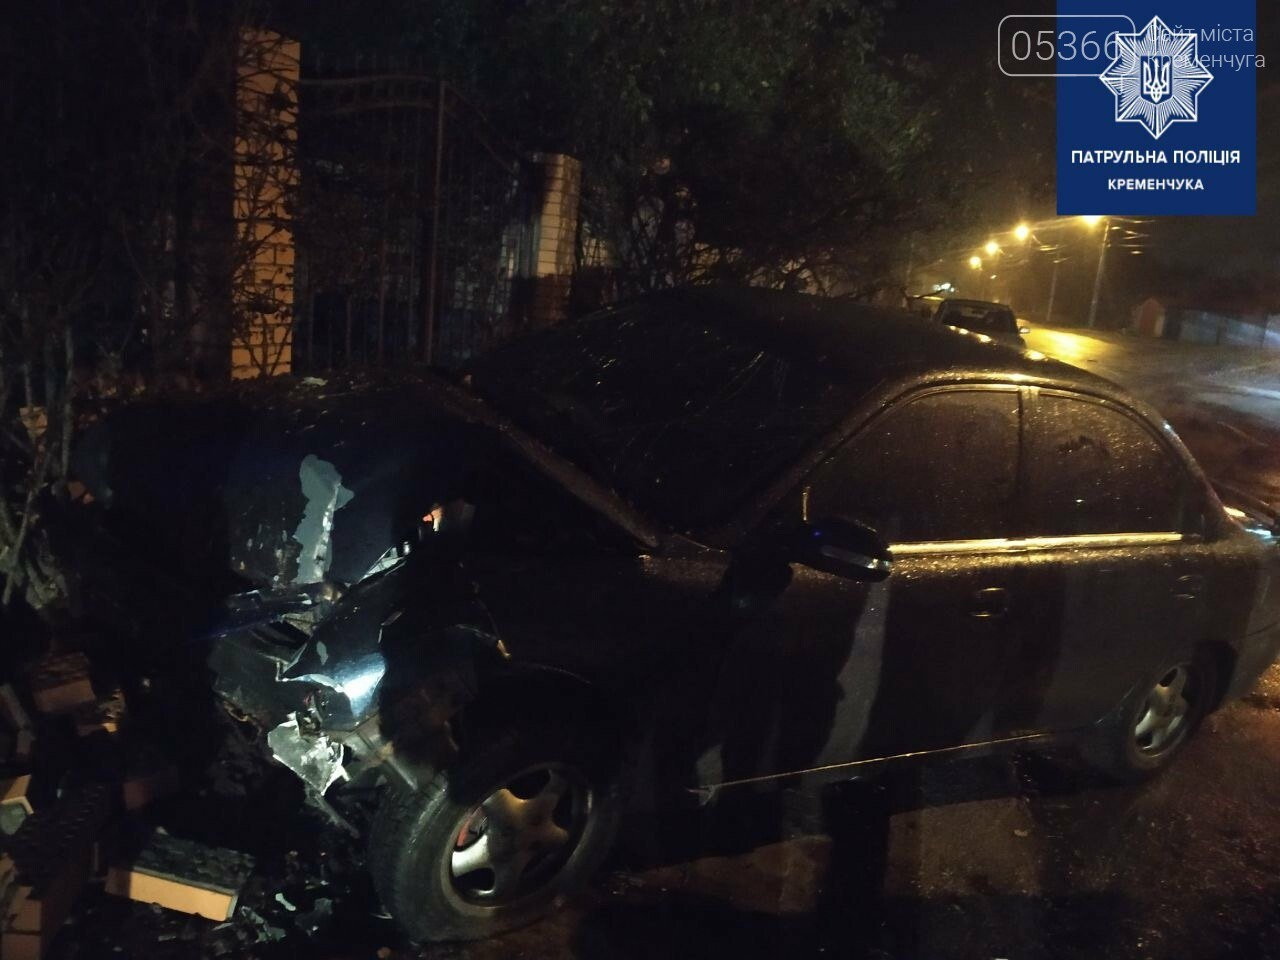 У Кременчуці п'яний водій на КІА розтрощив паркан. Фото, фото-2